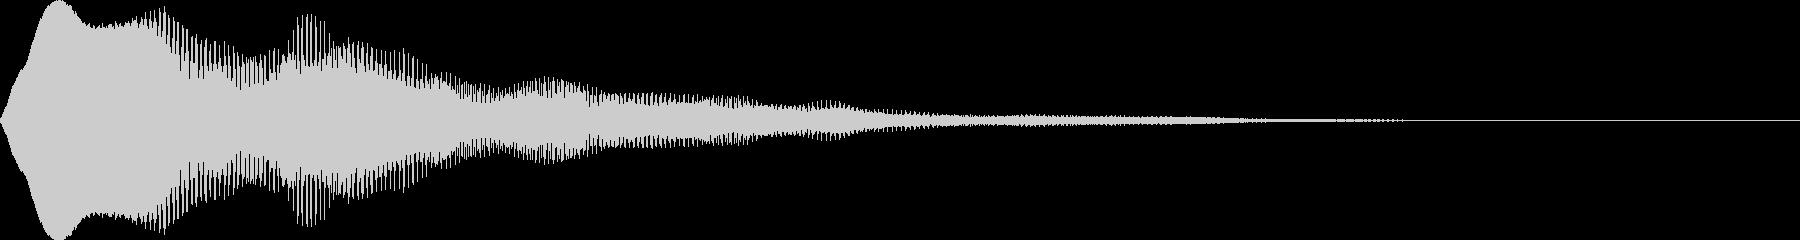 さわやかなボタンプッシュ音の未再生の波形